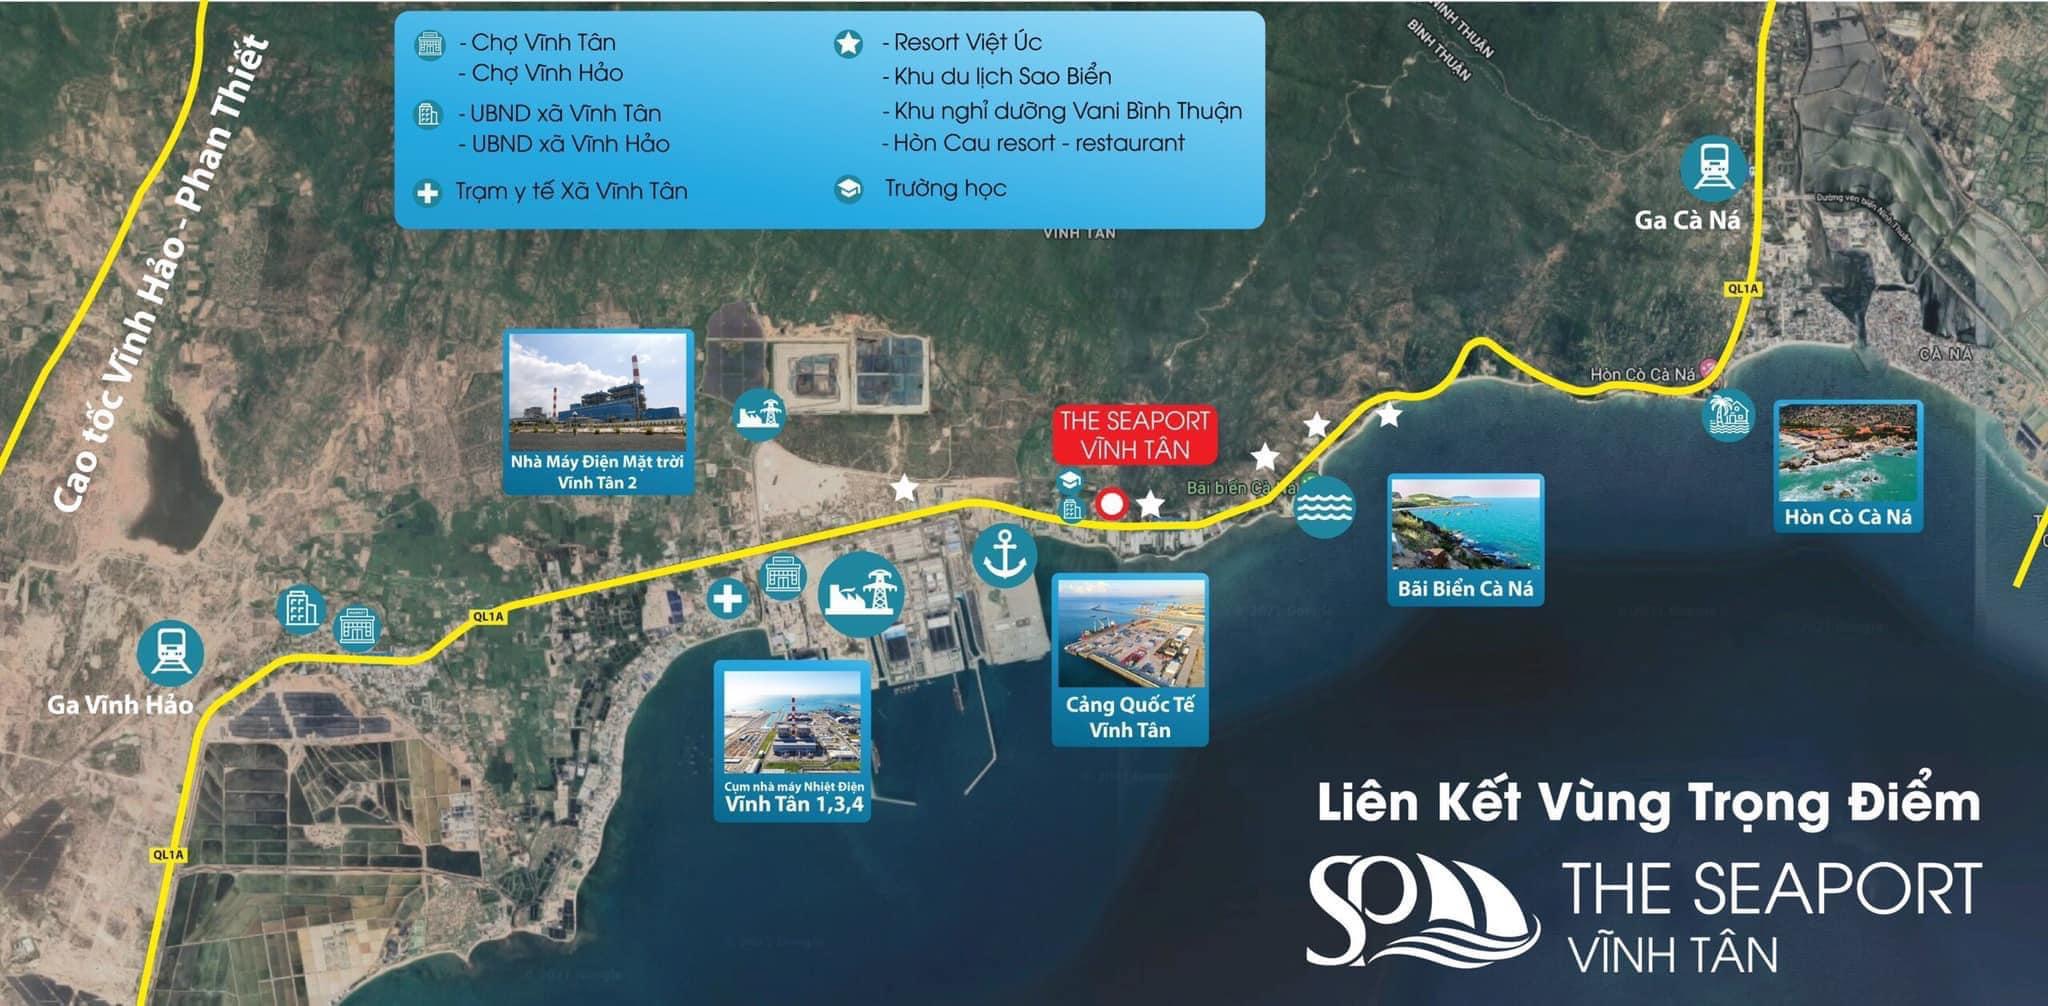 Tọa độ Vàng kết nối Đất nền The Seaport Vĩnh Tân quốc lô 1A